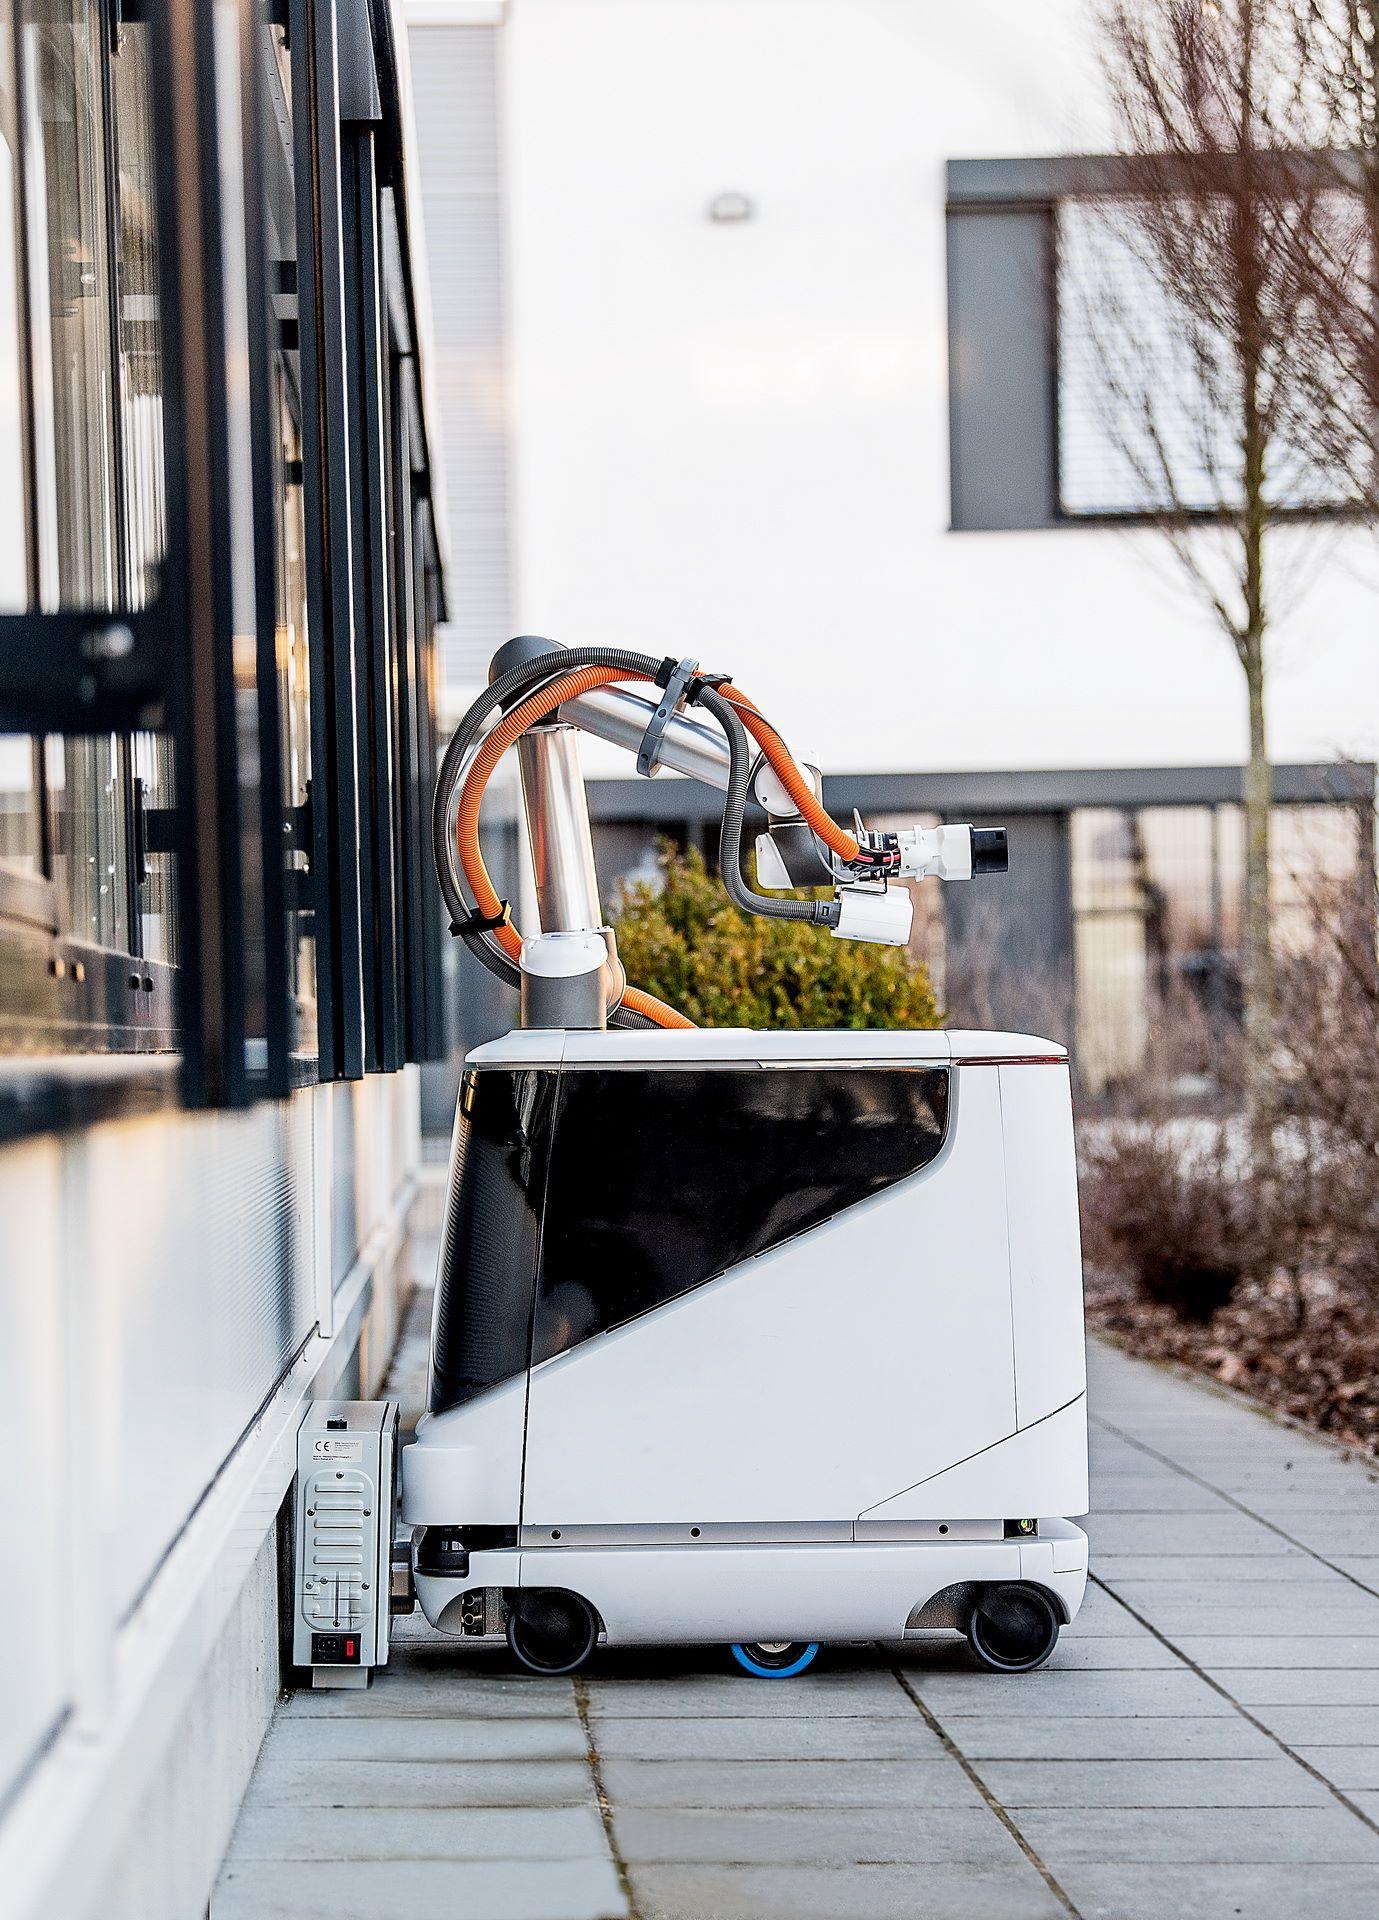 aiways-carl-autonomous-ev-charging-robot-6